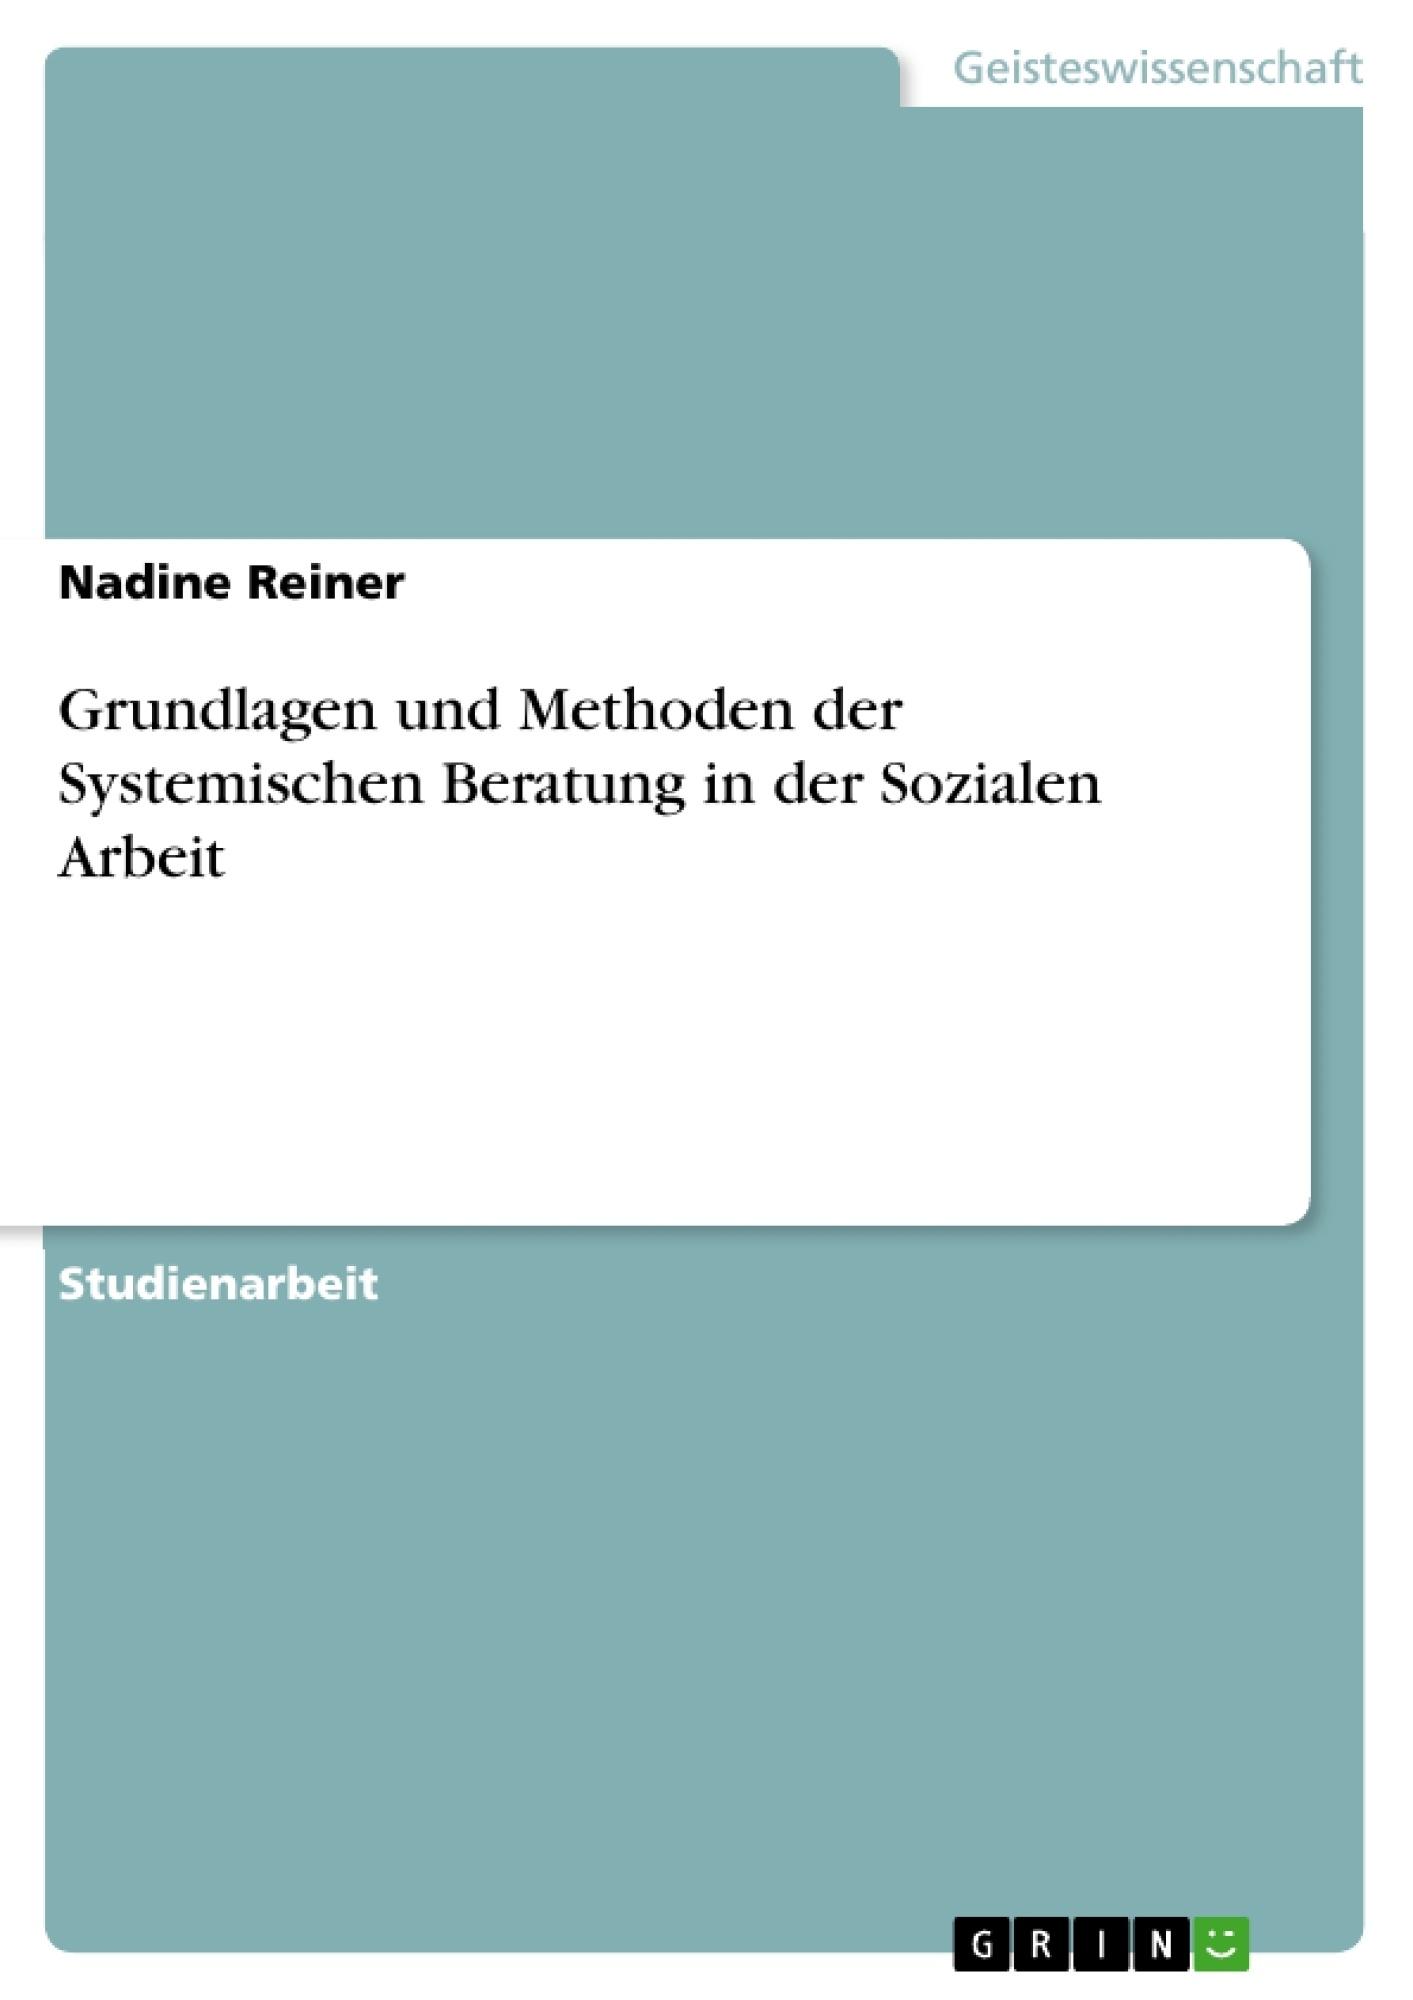 Titel: Grundlagen und Methoden der Systemischen Beratung in der Sozialen Arbeit